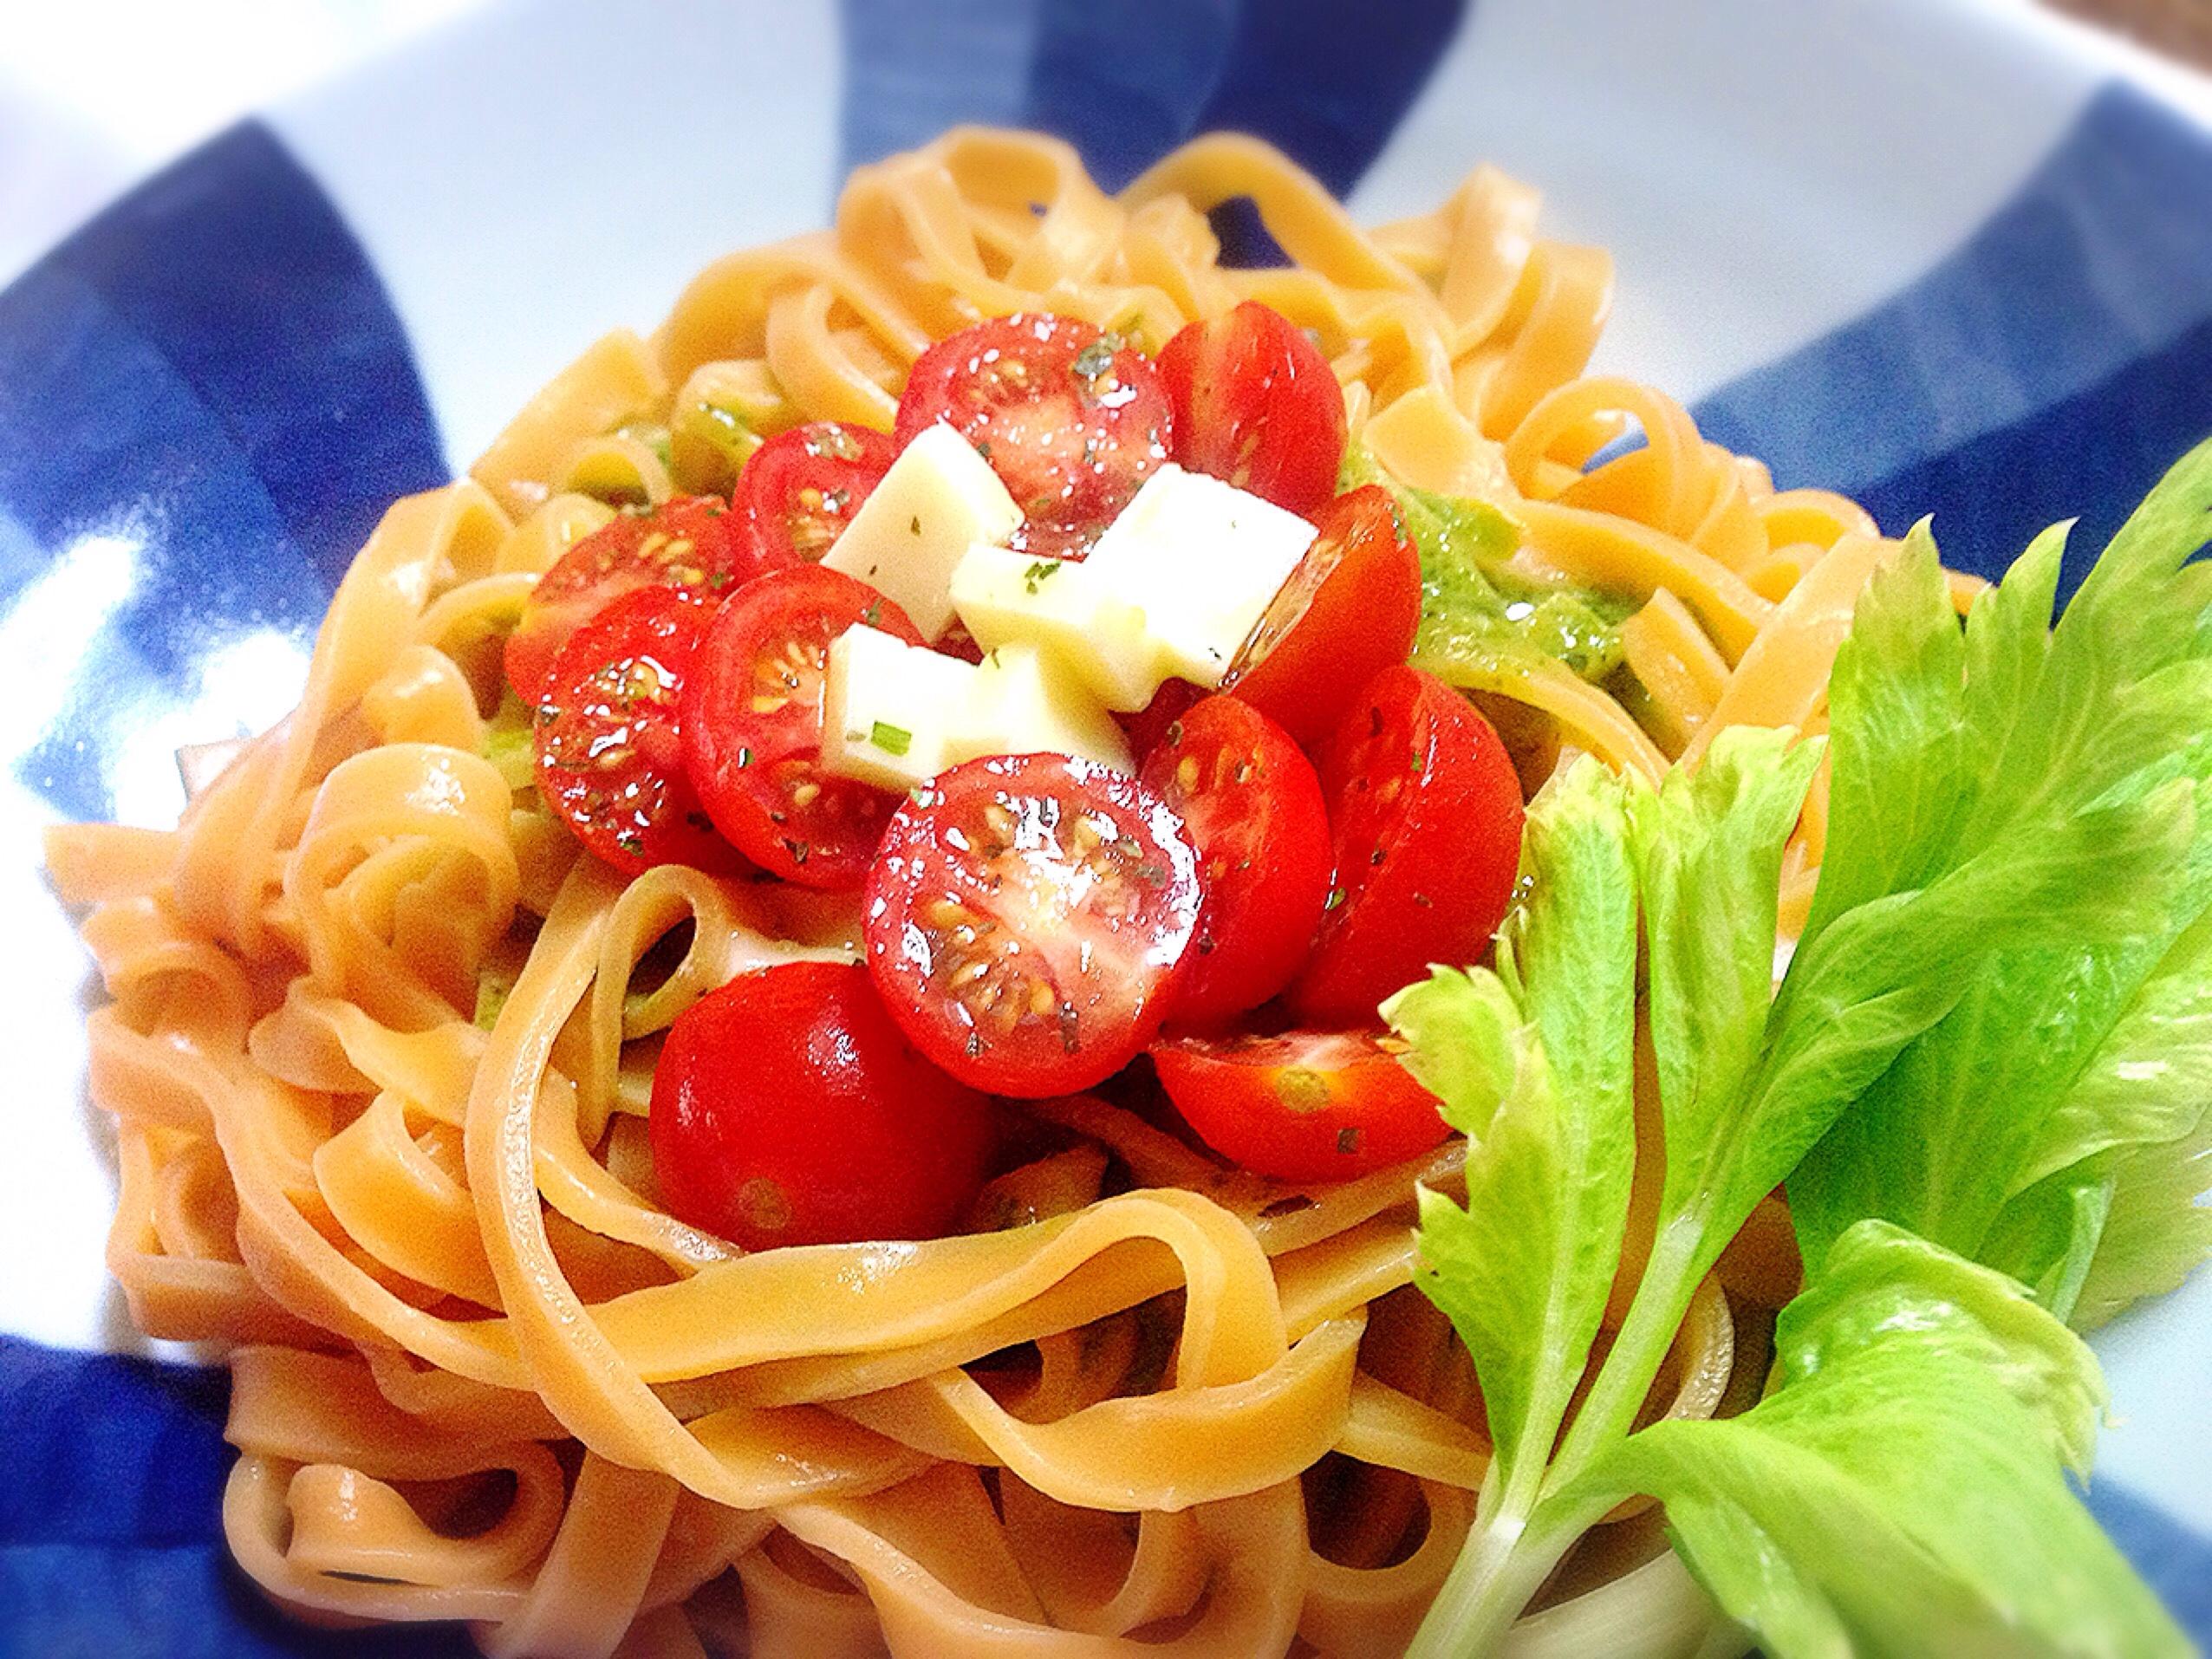 トマトのフェットチーネ調理例@東京都中野区の老舗製麺所 大成食品株式会社の工場直売